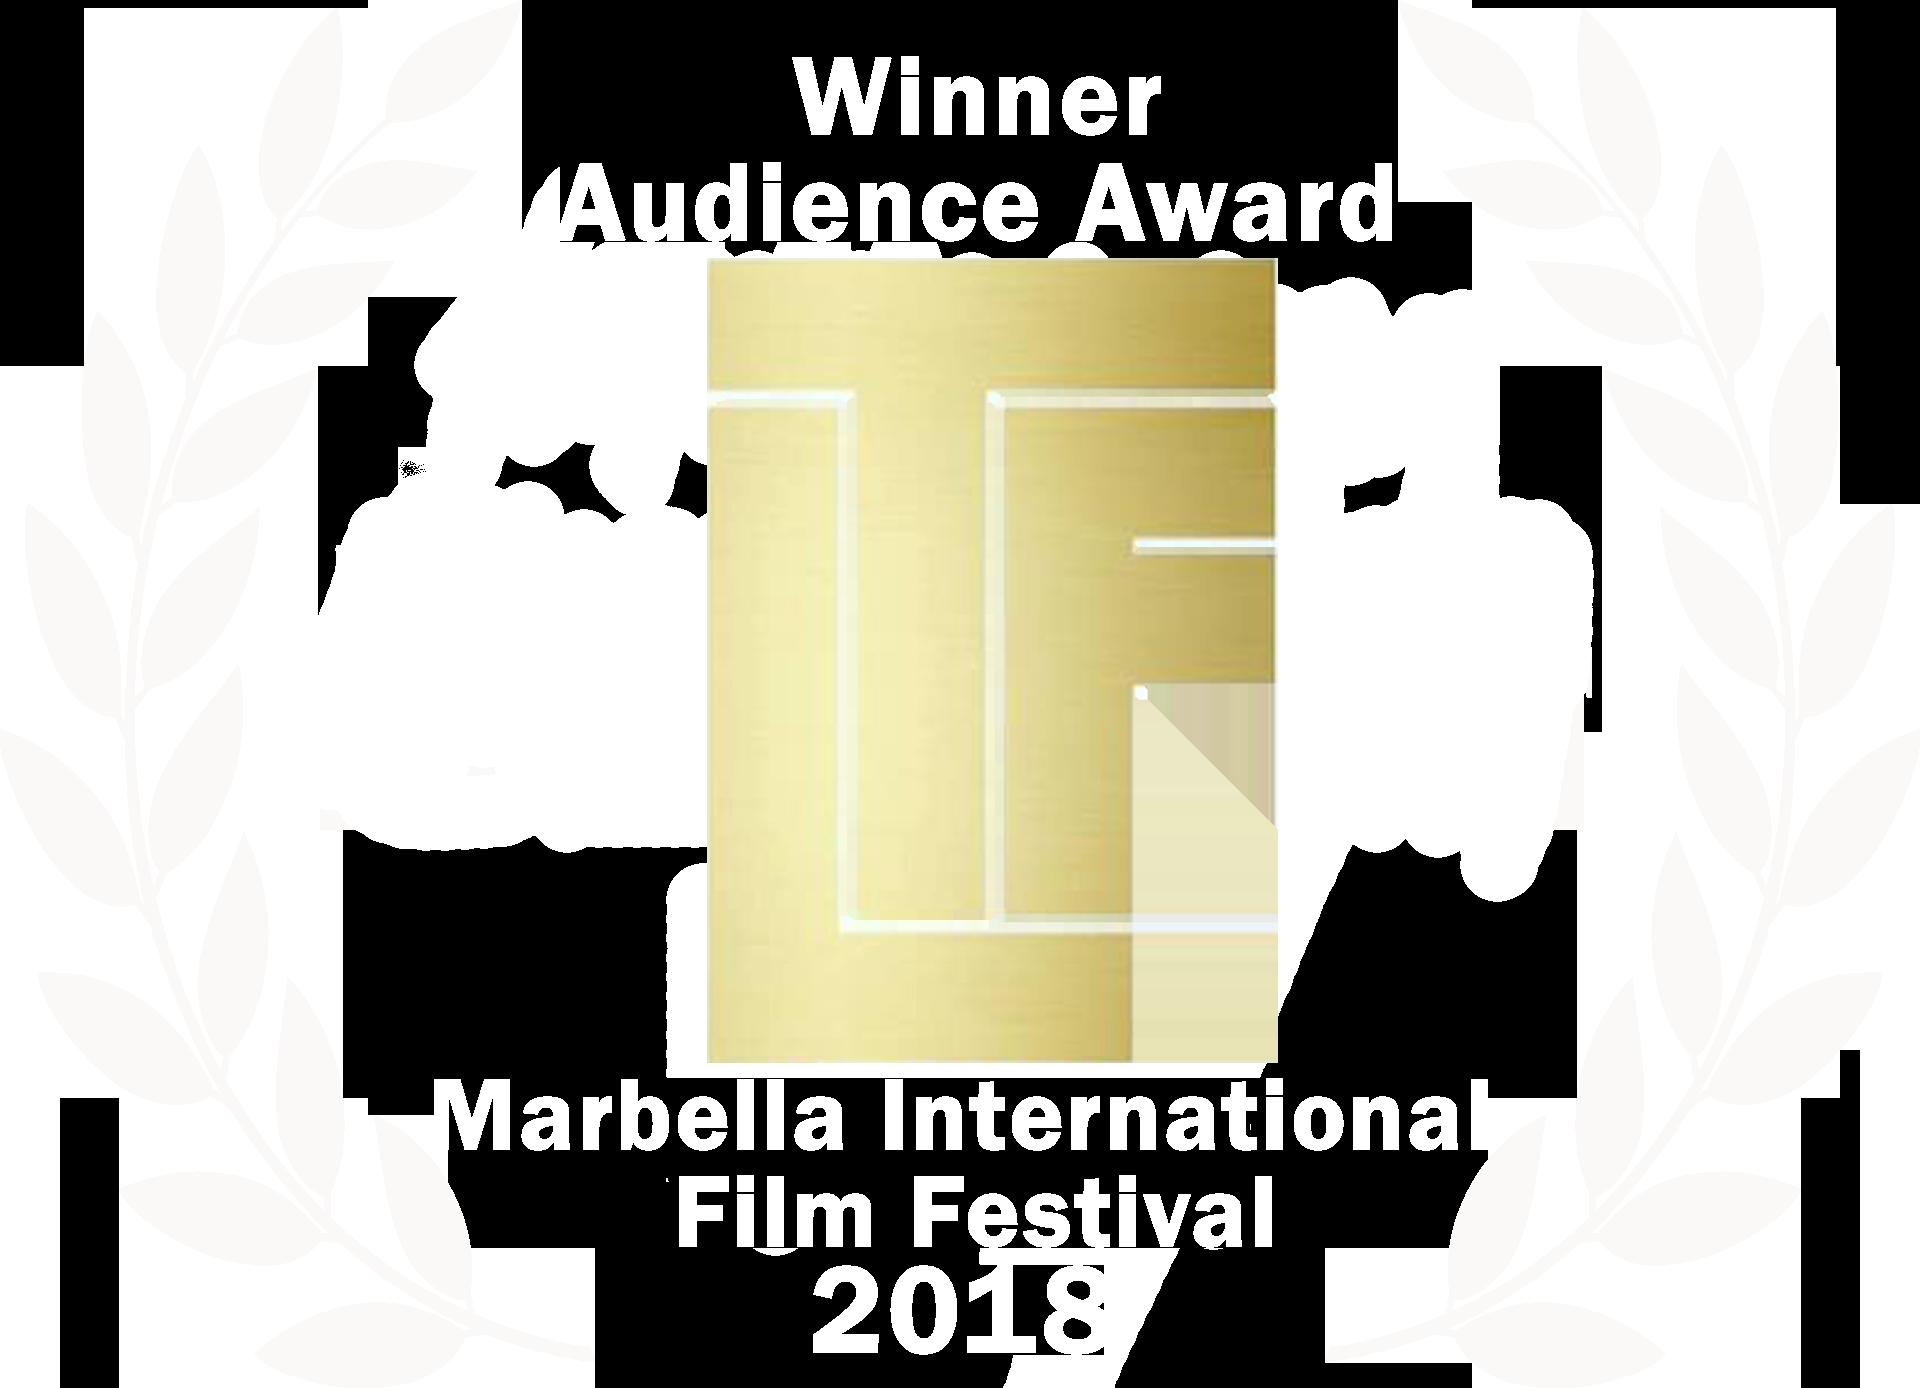 marbella 2018 audience award winner mock.png